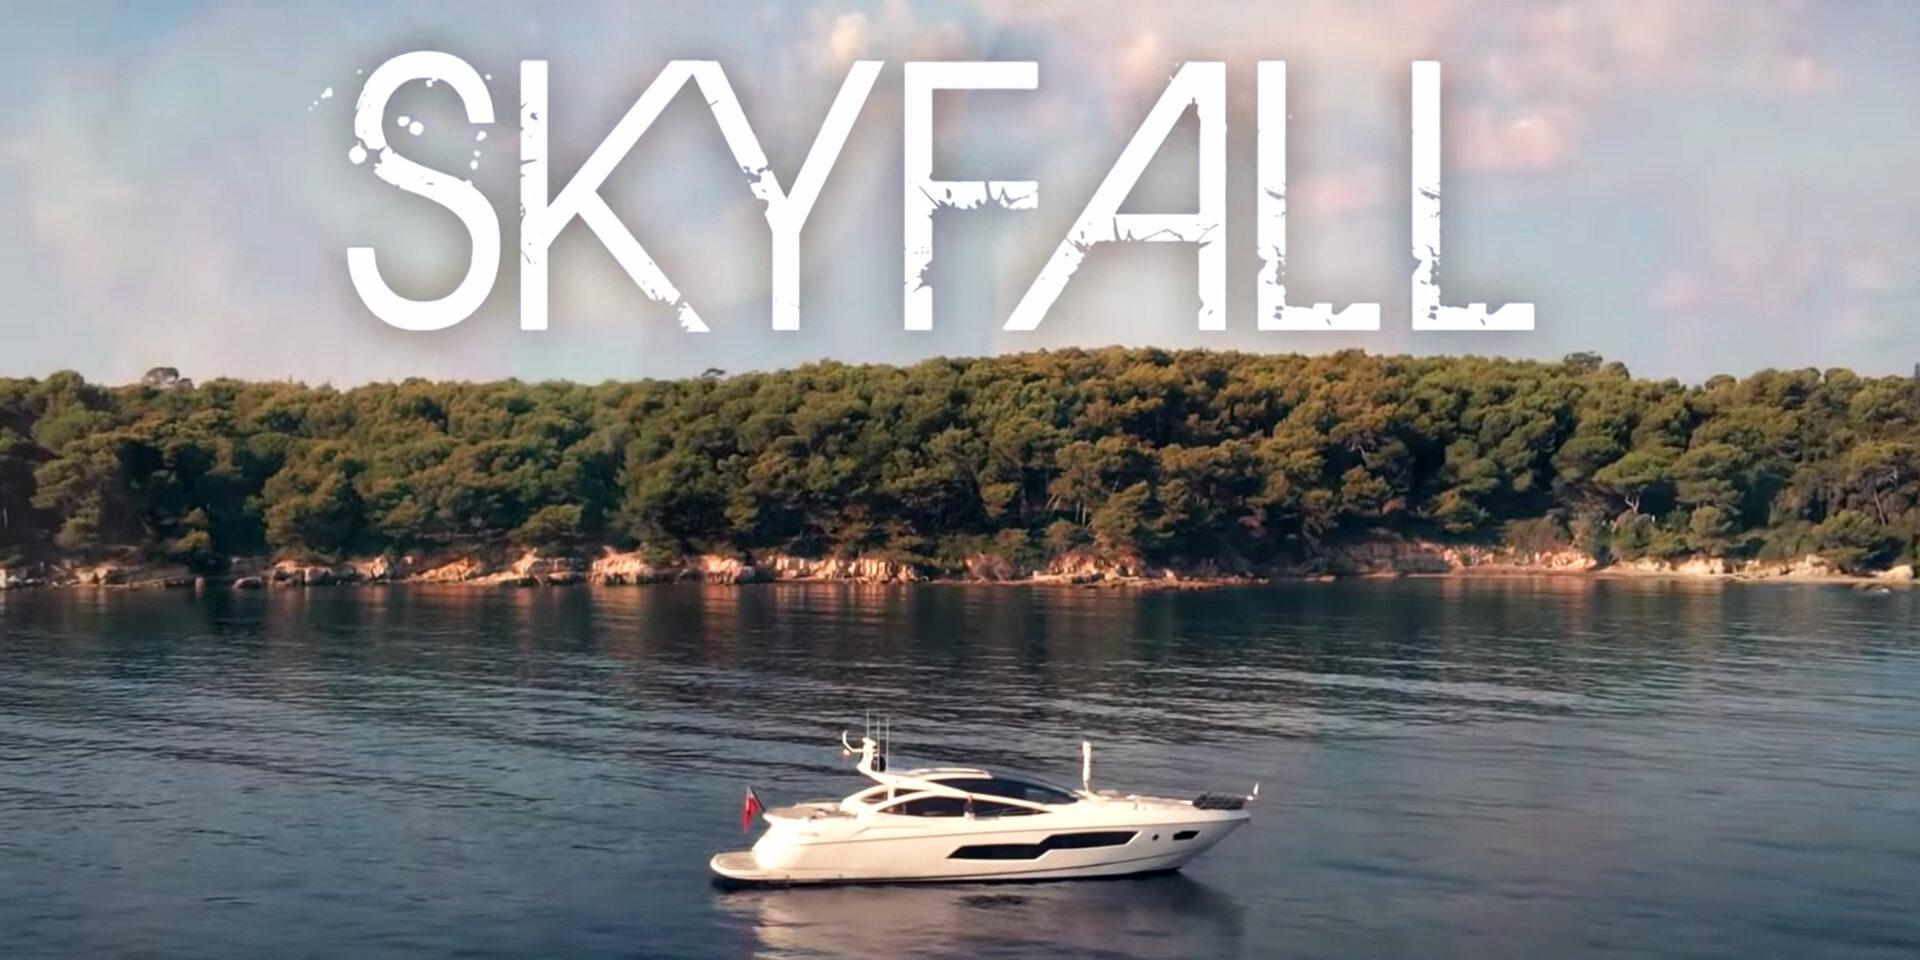 SUNSEEKER 'SKYFALL' – SHORT DOCUMENTARY